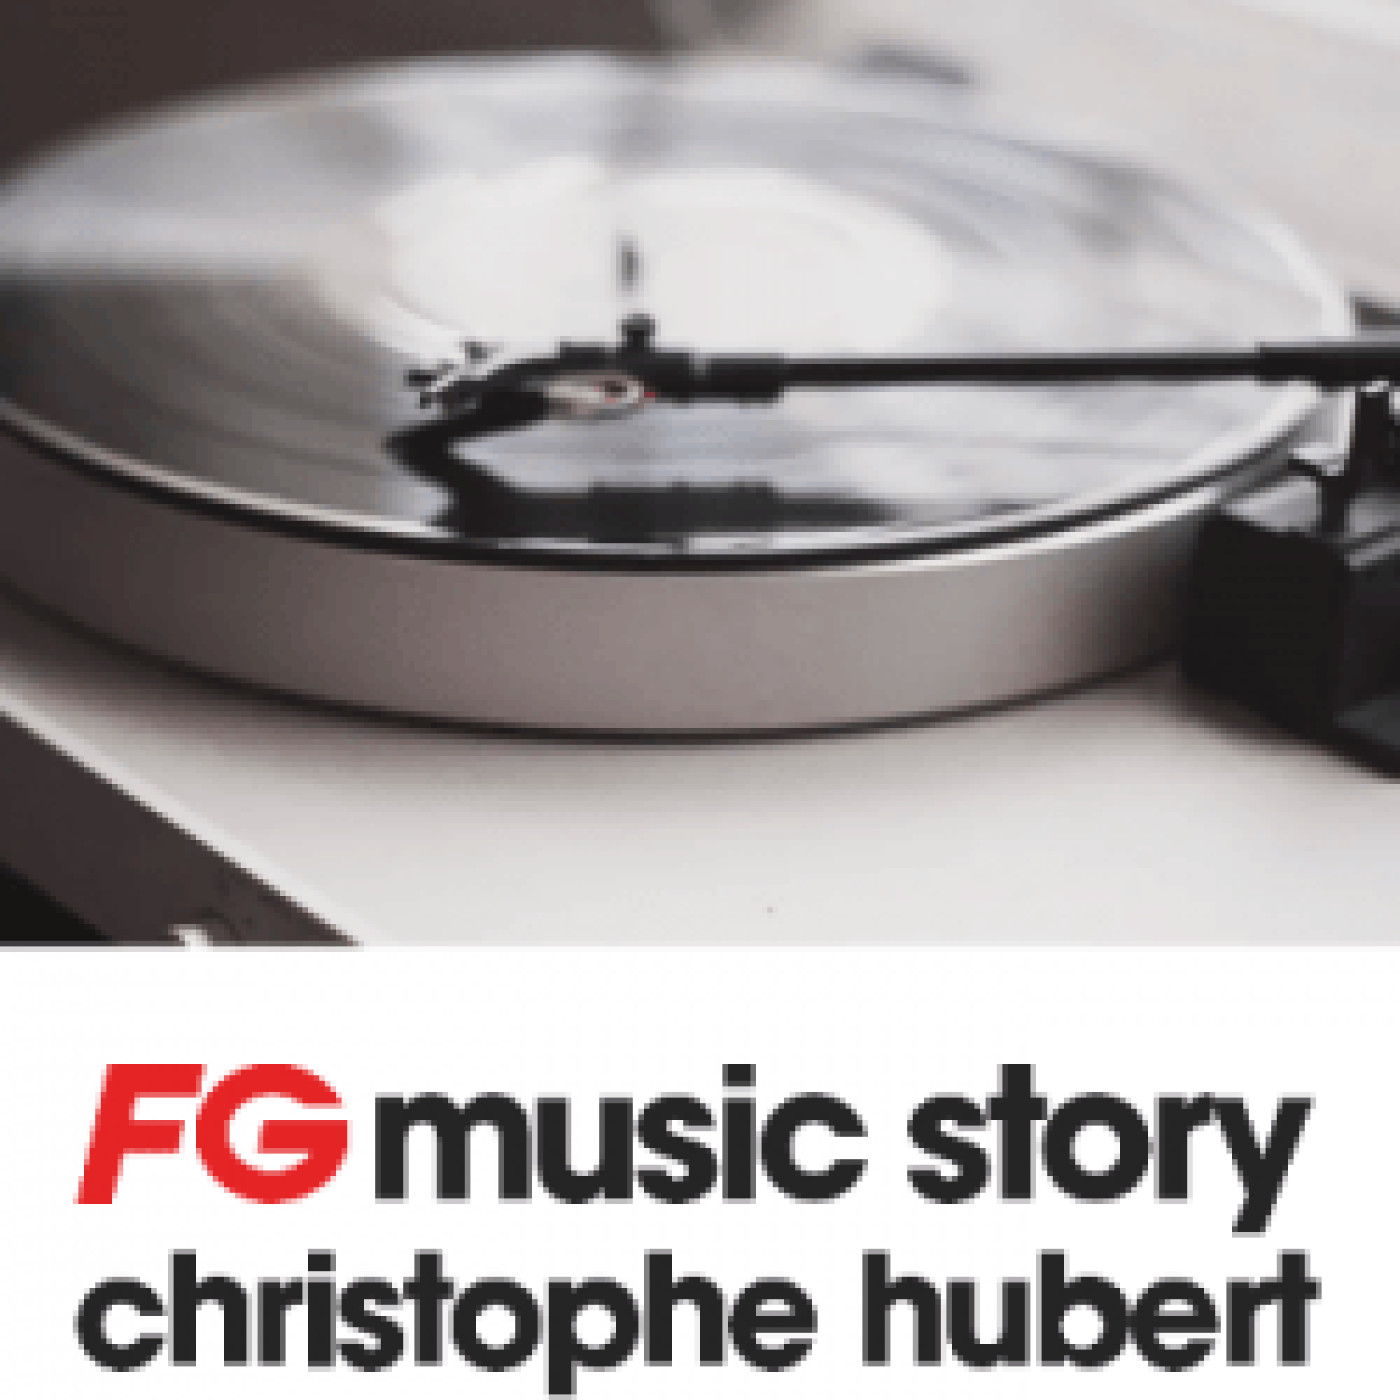 FG MUSIC STORY : PARADISE GARAGE